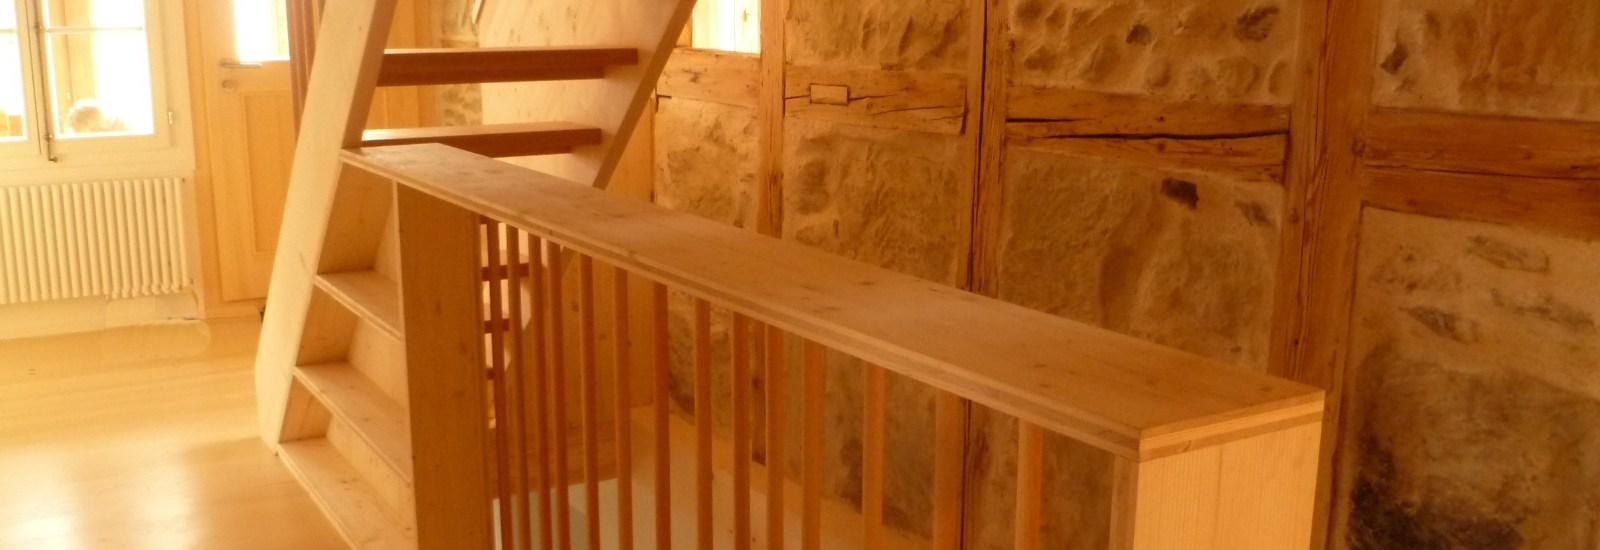 Treppen mit integriertem Gestell